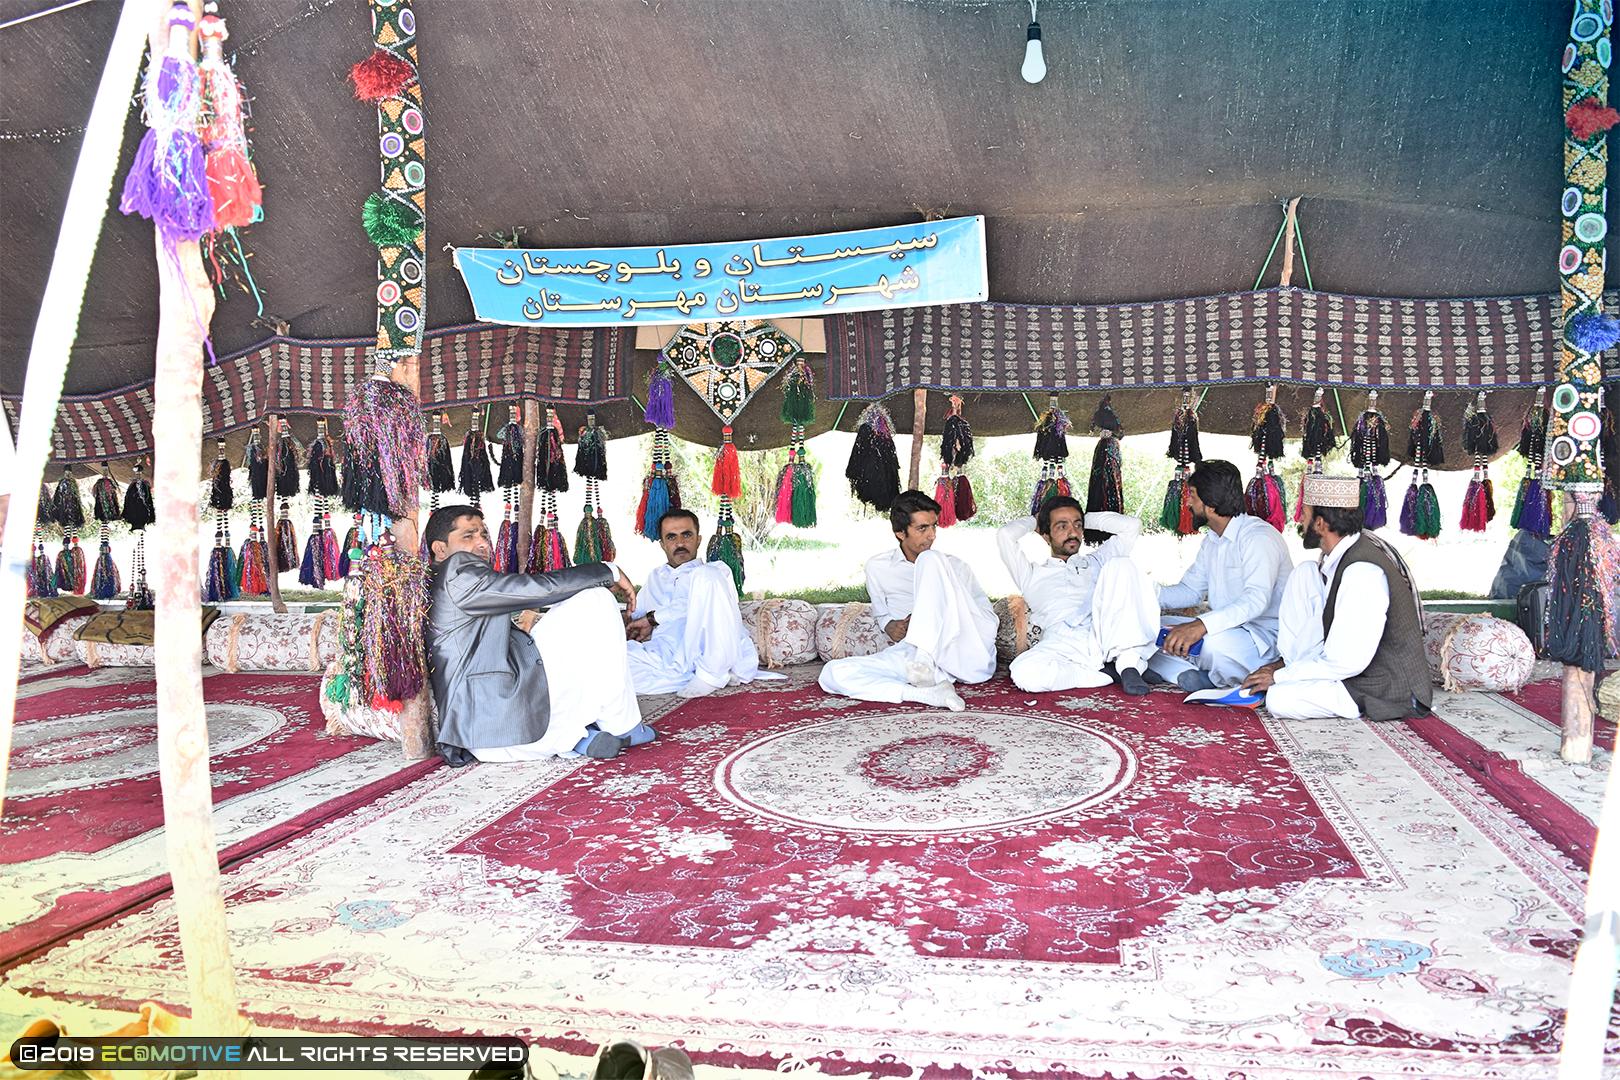 سیاه چادر استان سیستان و بلوچستان در نمایشگاه توانمندیهای روستاییان و عشایر